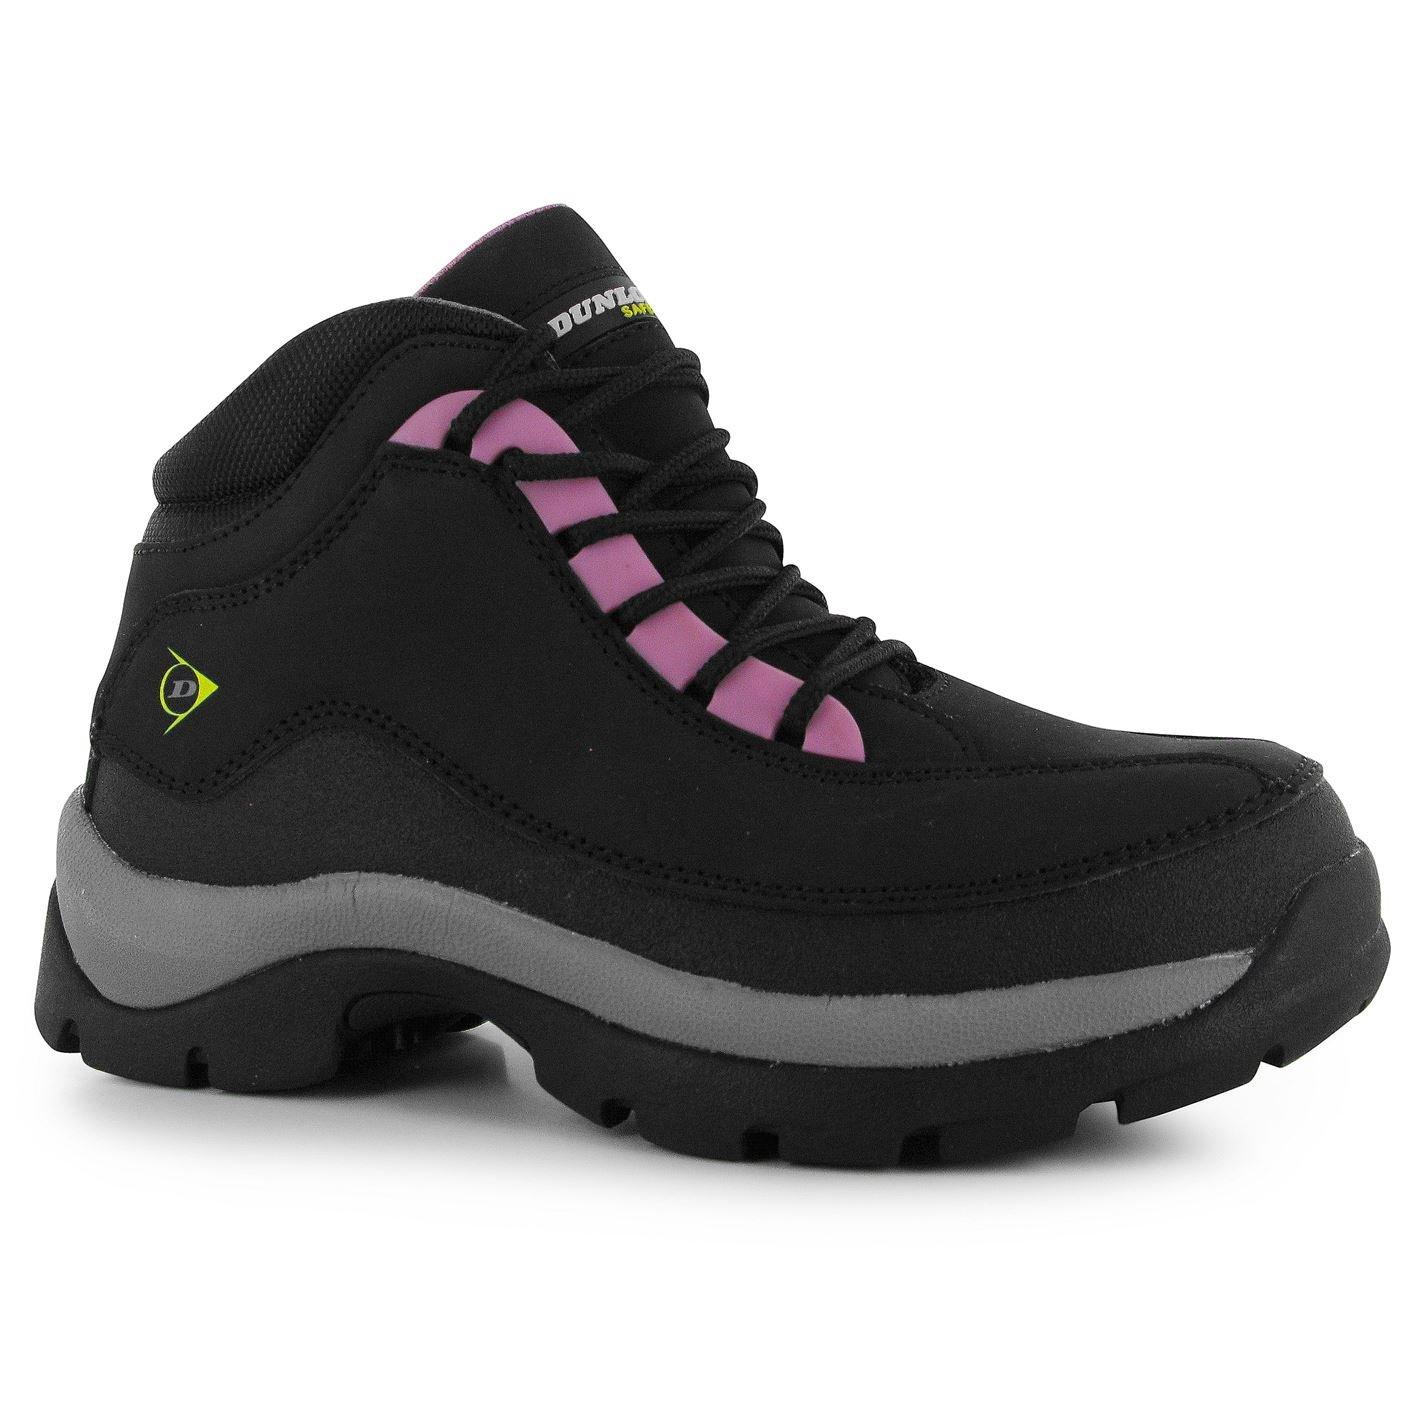 Dunlop Safe Hike Mujer Senderismo Botas de senderismo Botas Botas de seguridad: Amazon.es: Zapatos y complementos